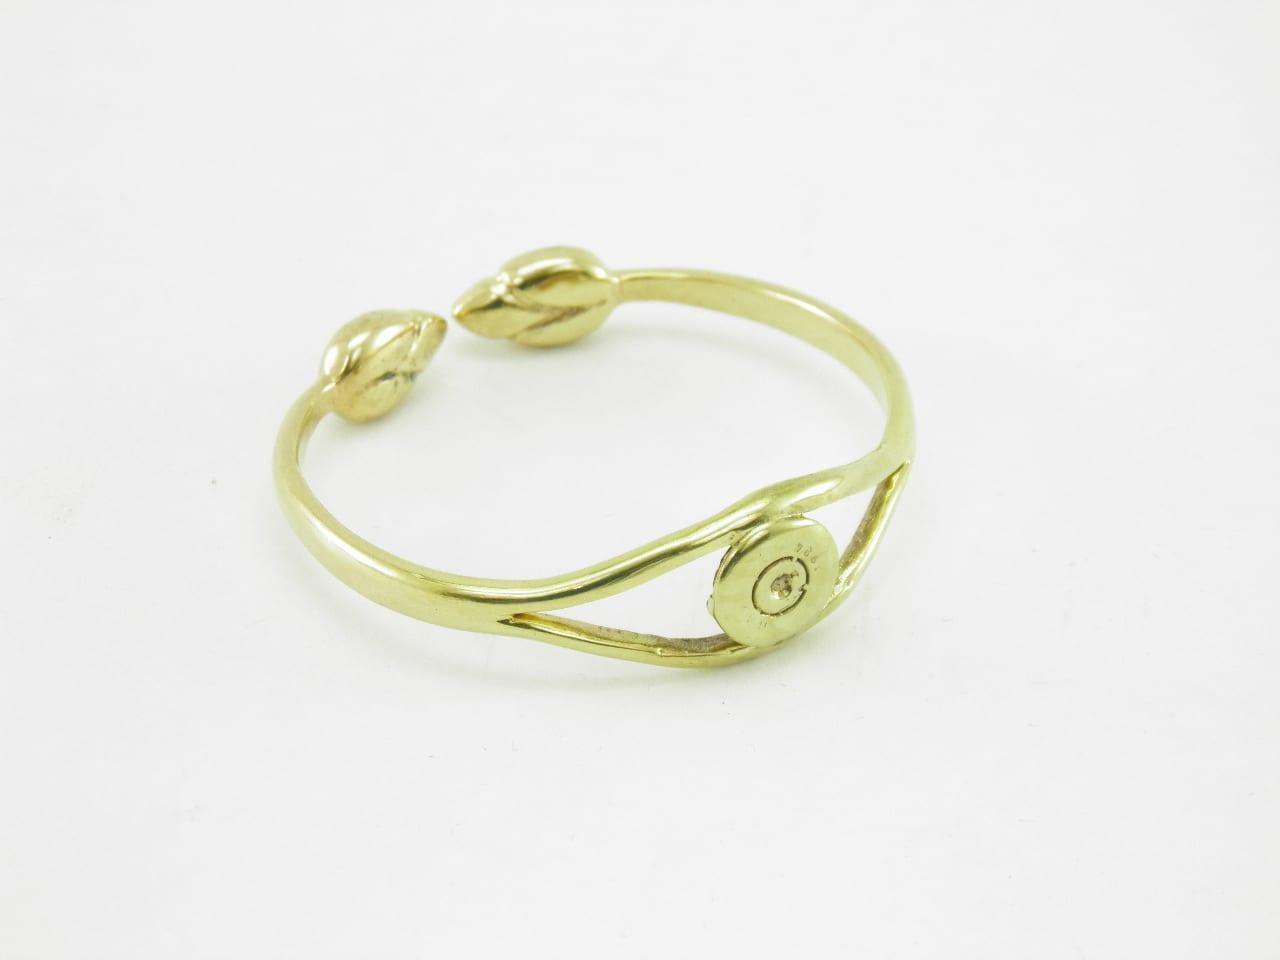 Le Bracelet laiton recyclé - Enclume et Lotus